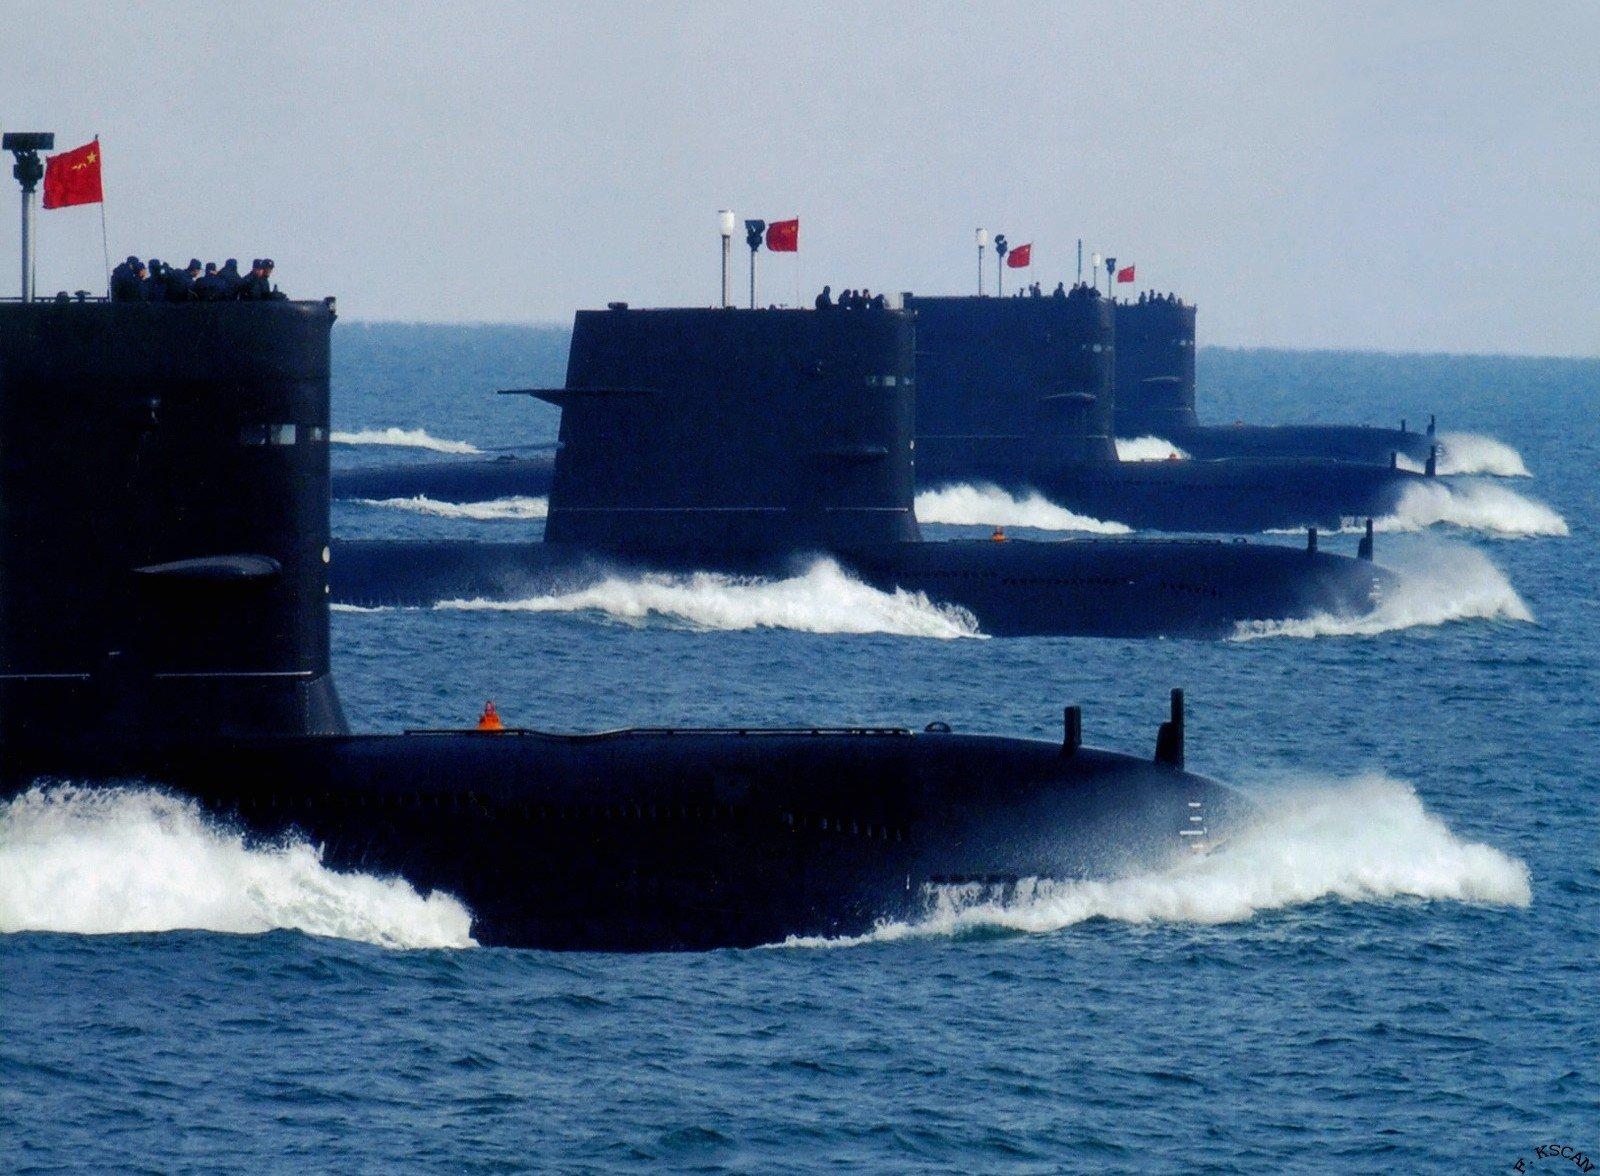 Siêu tàu sân bay Mỹ bị tàu ngầm Trung Quốc lén bám sát 3